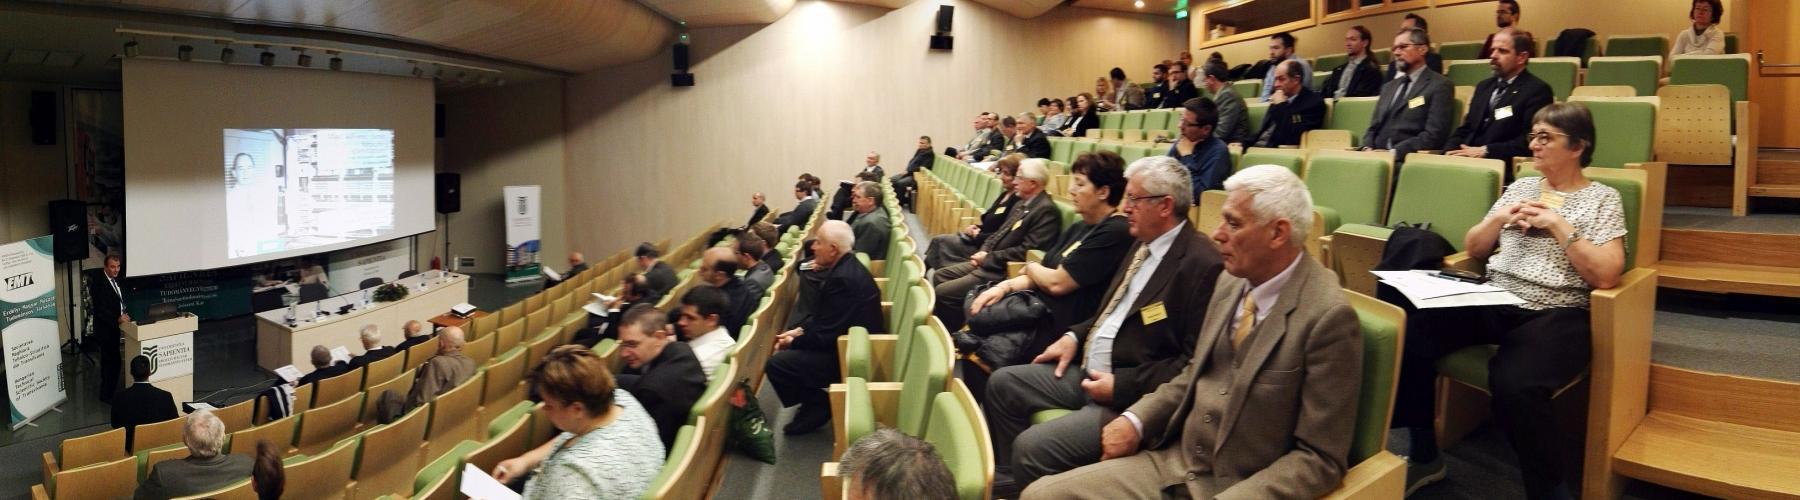 Plenáris előadások 1